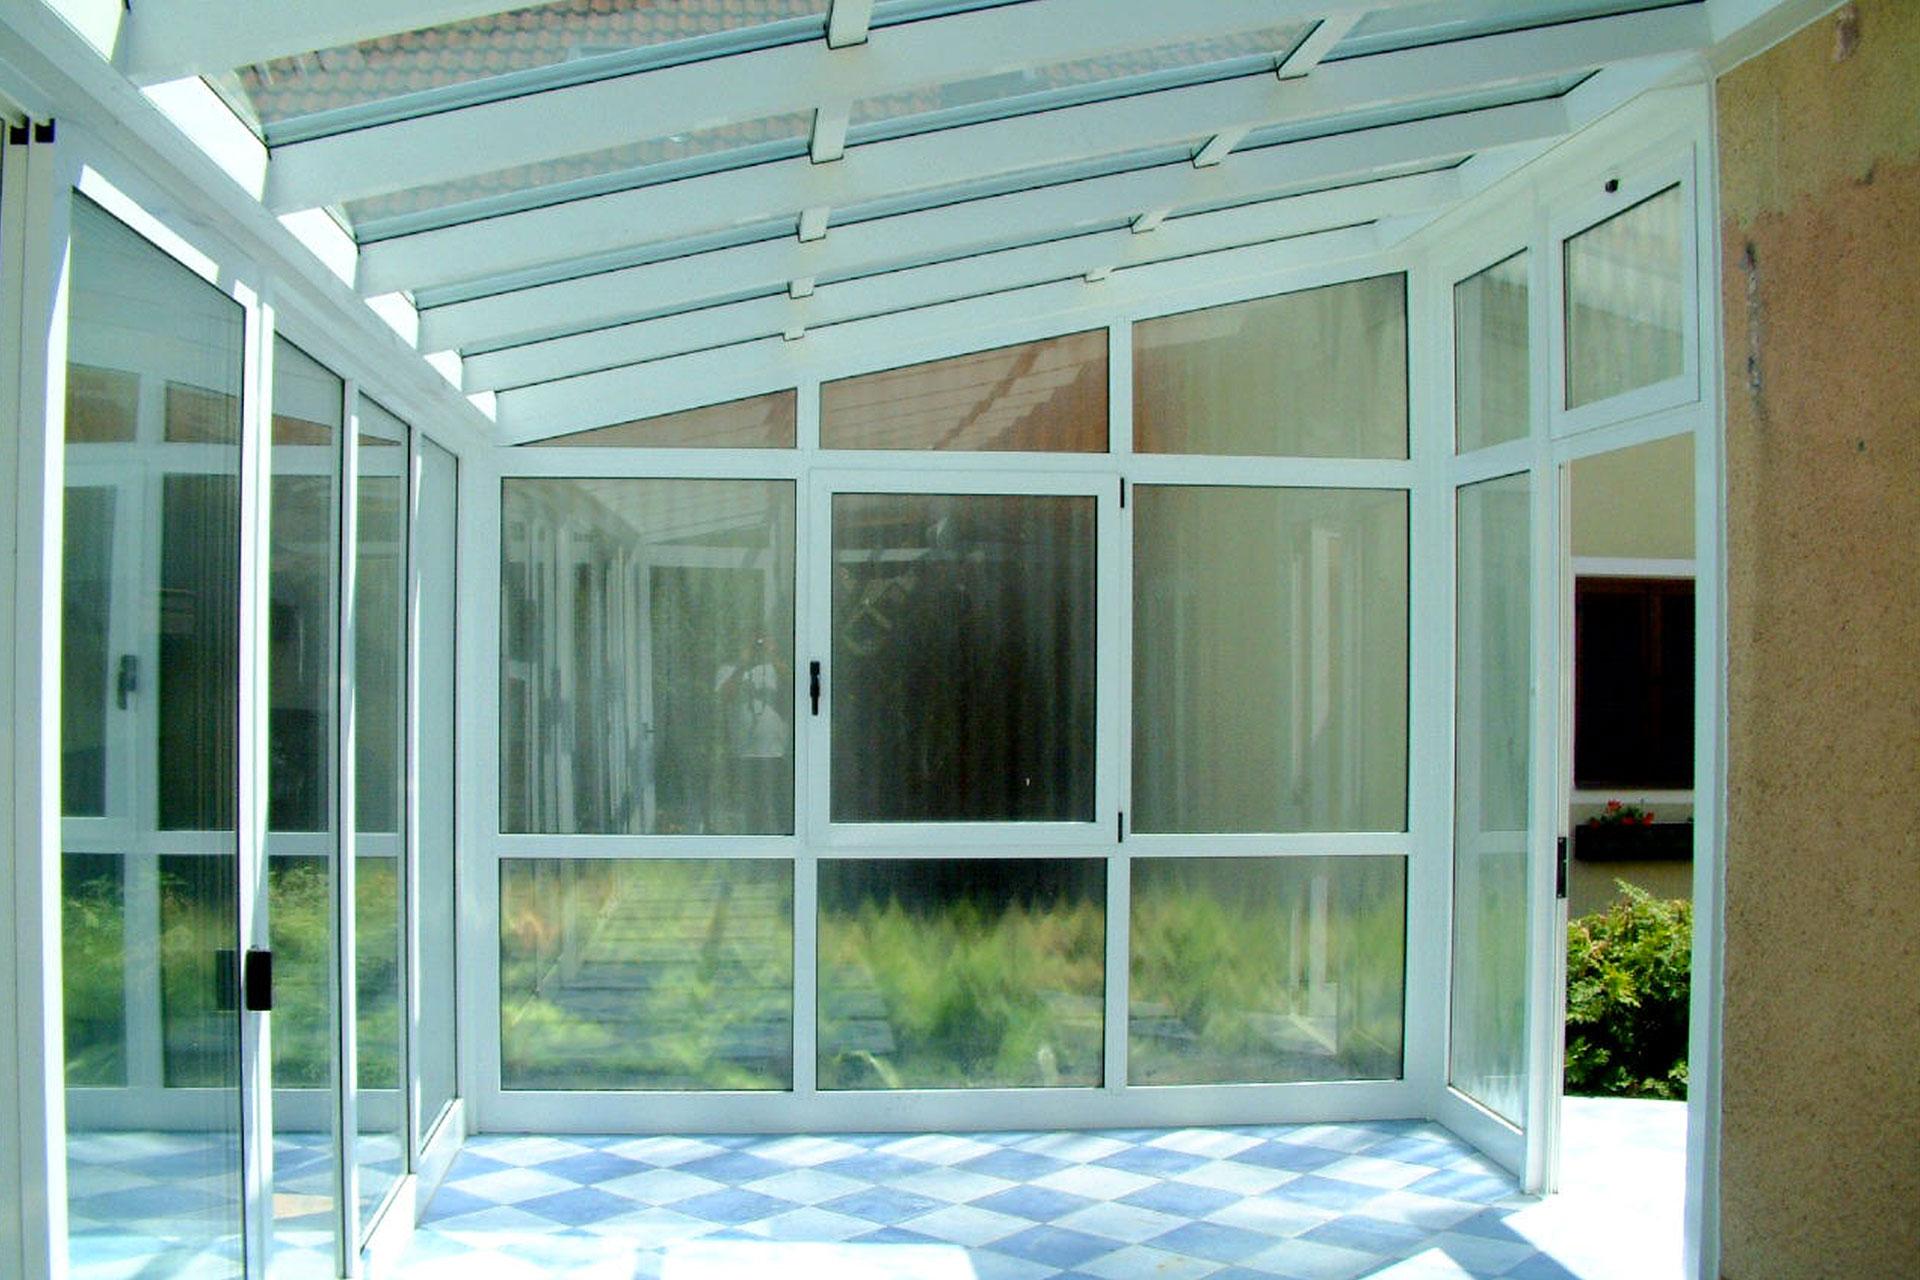 Giardino d'inverno winter garden serramenti alluminio udine